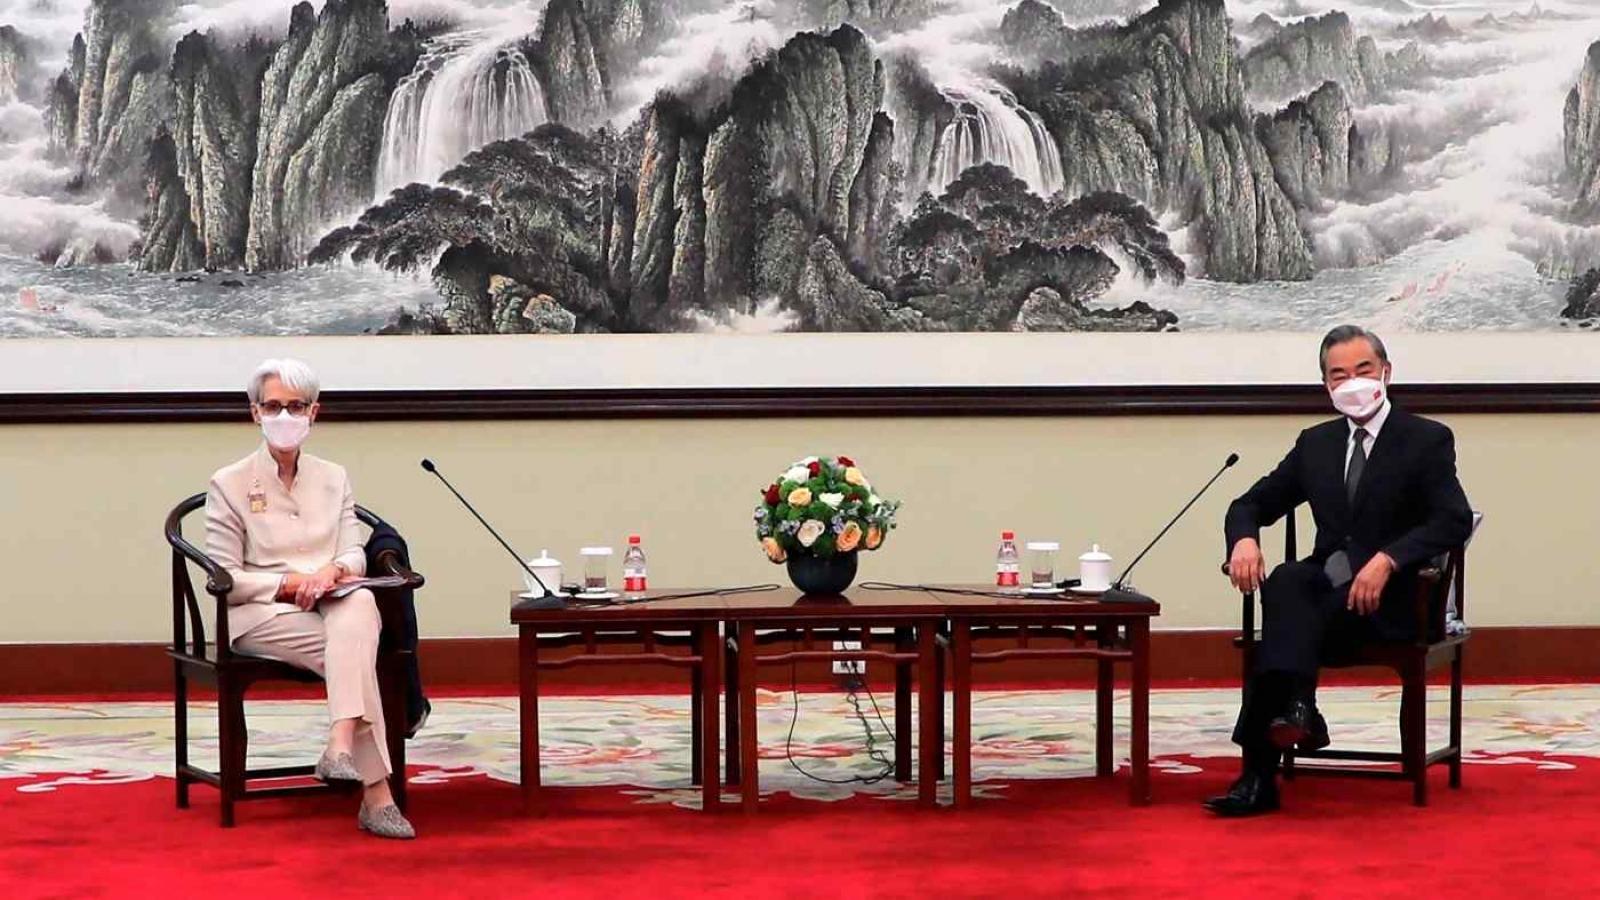 Trung Quốc yêu cầu Mỹ đưa ra lựa chọn đúng đắn cho quan hệ hai bên